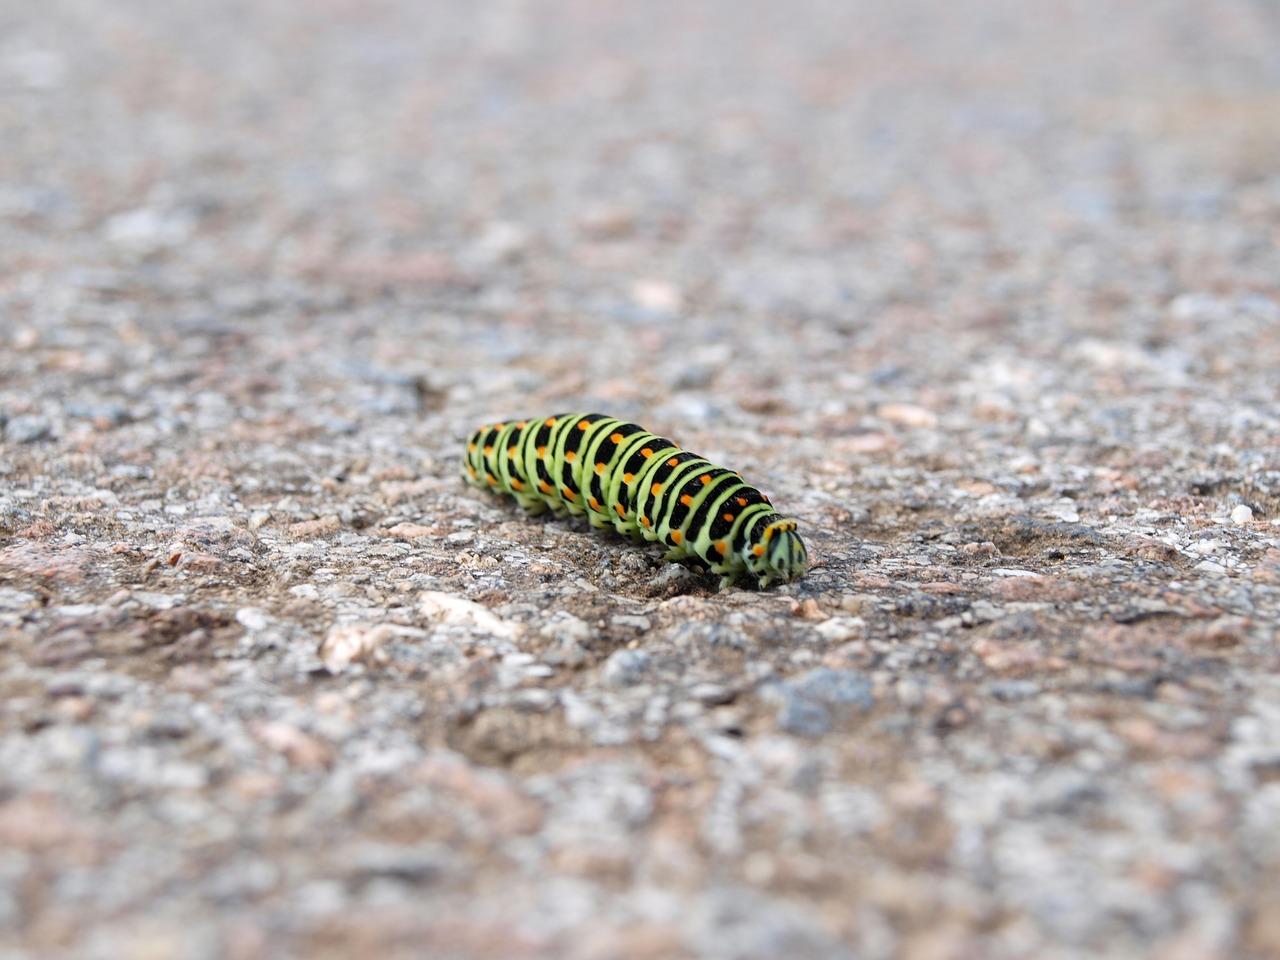 山椒を食べる幼虫はいるのか?山椒を守る方法とは?